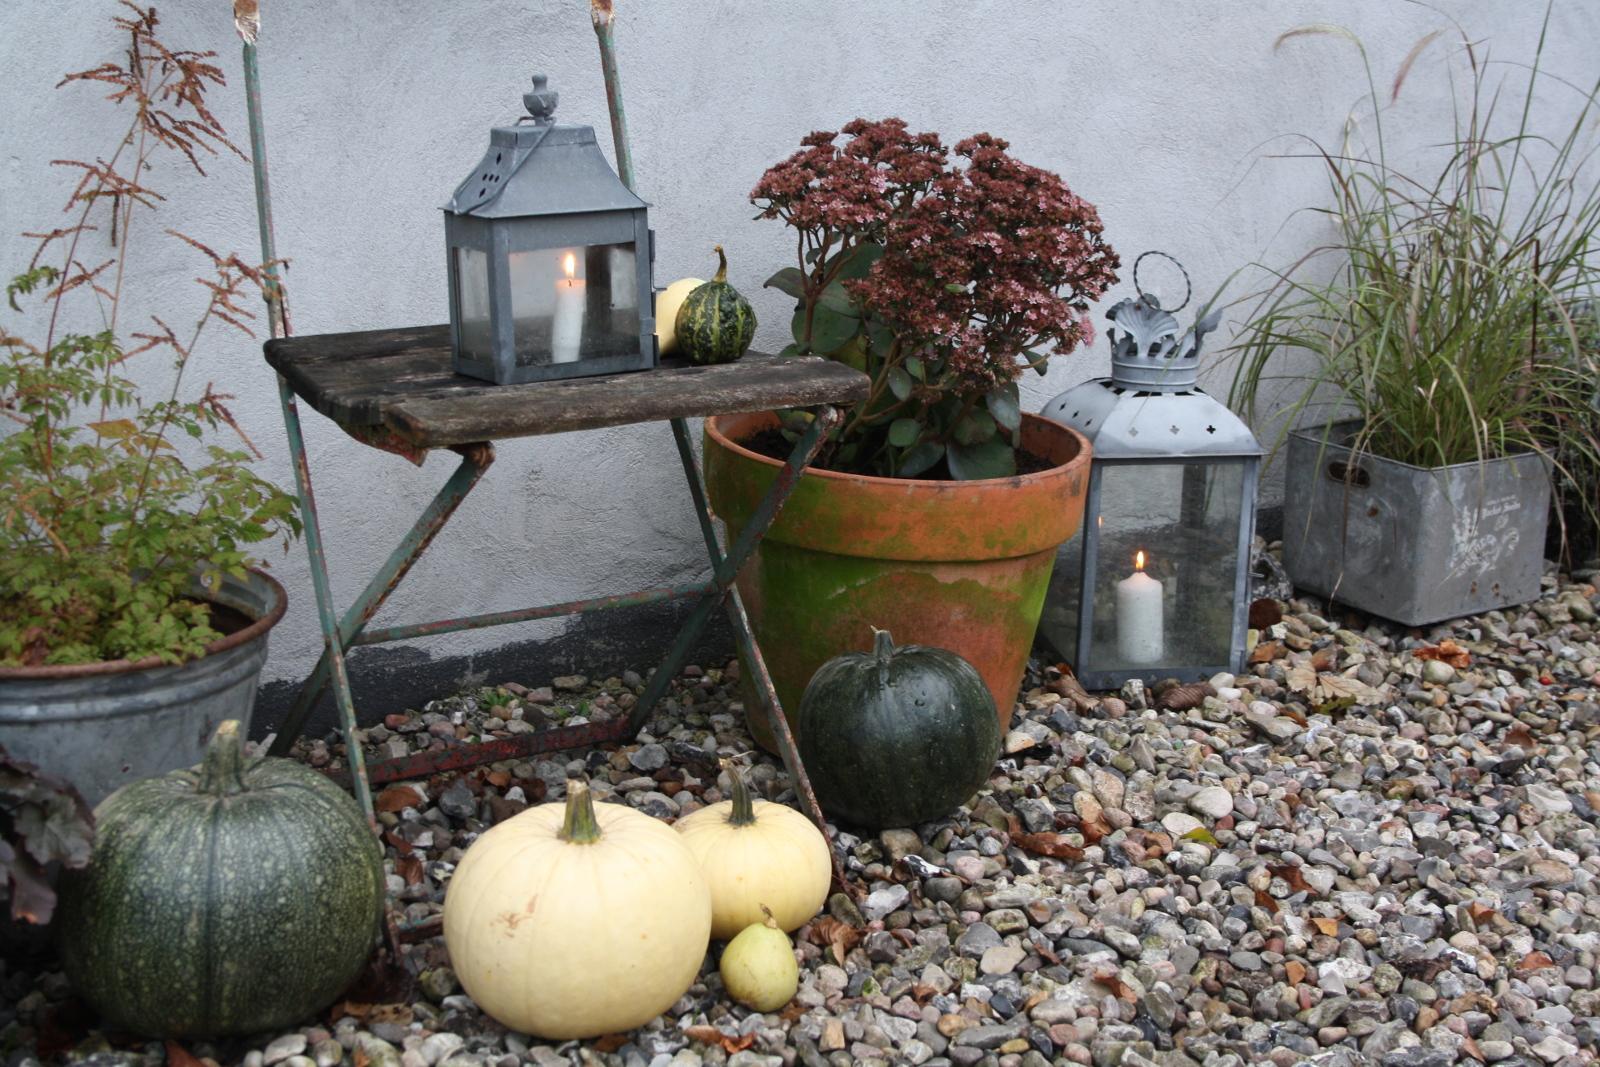 Græskar og lanterner